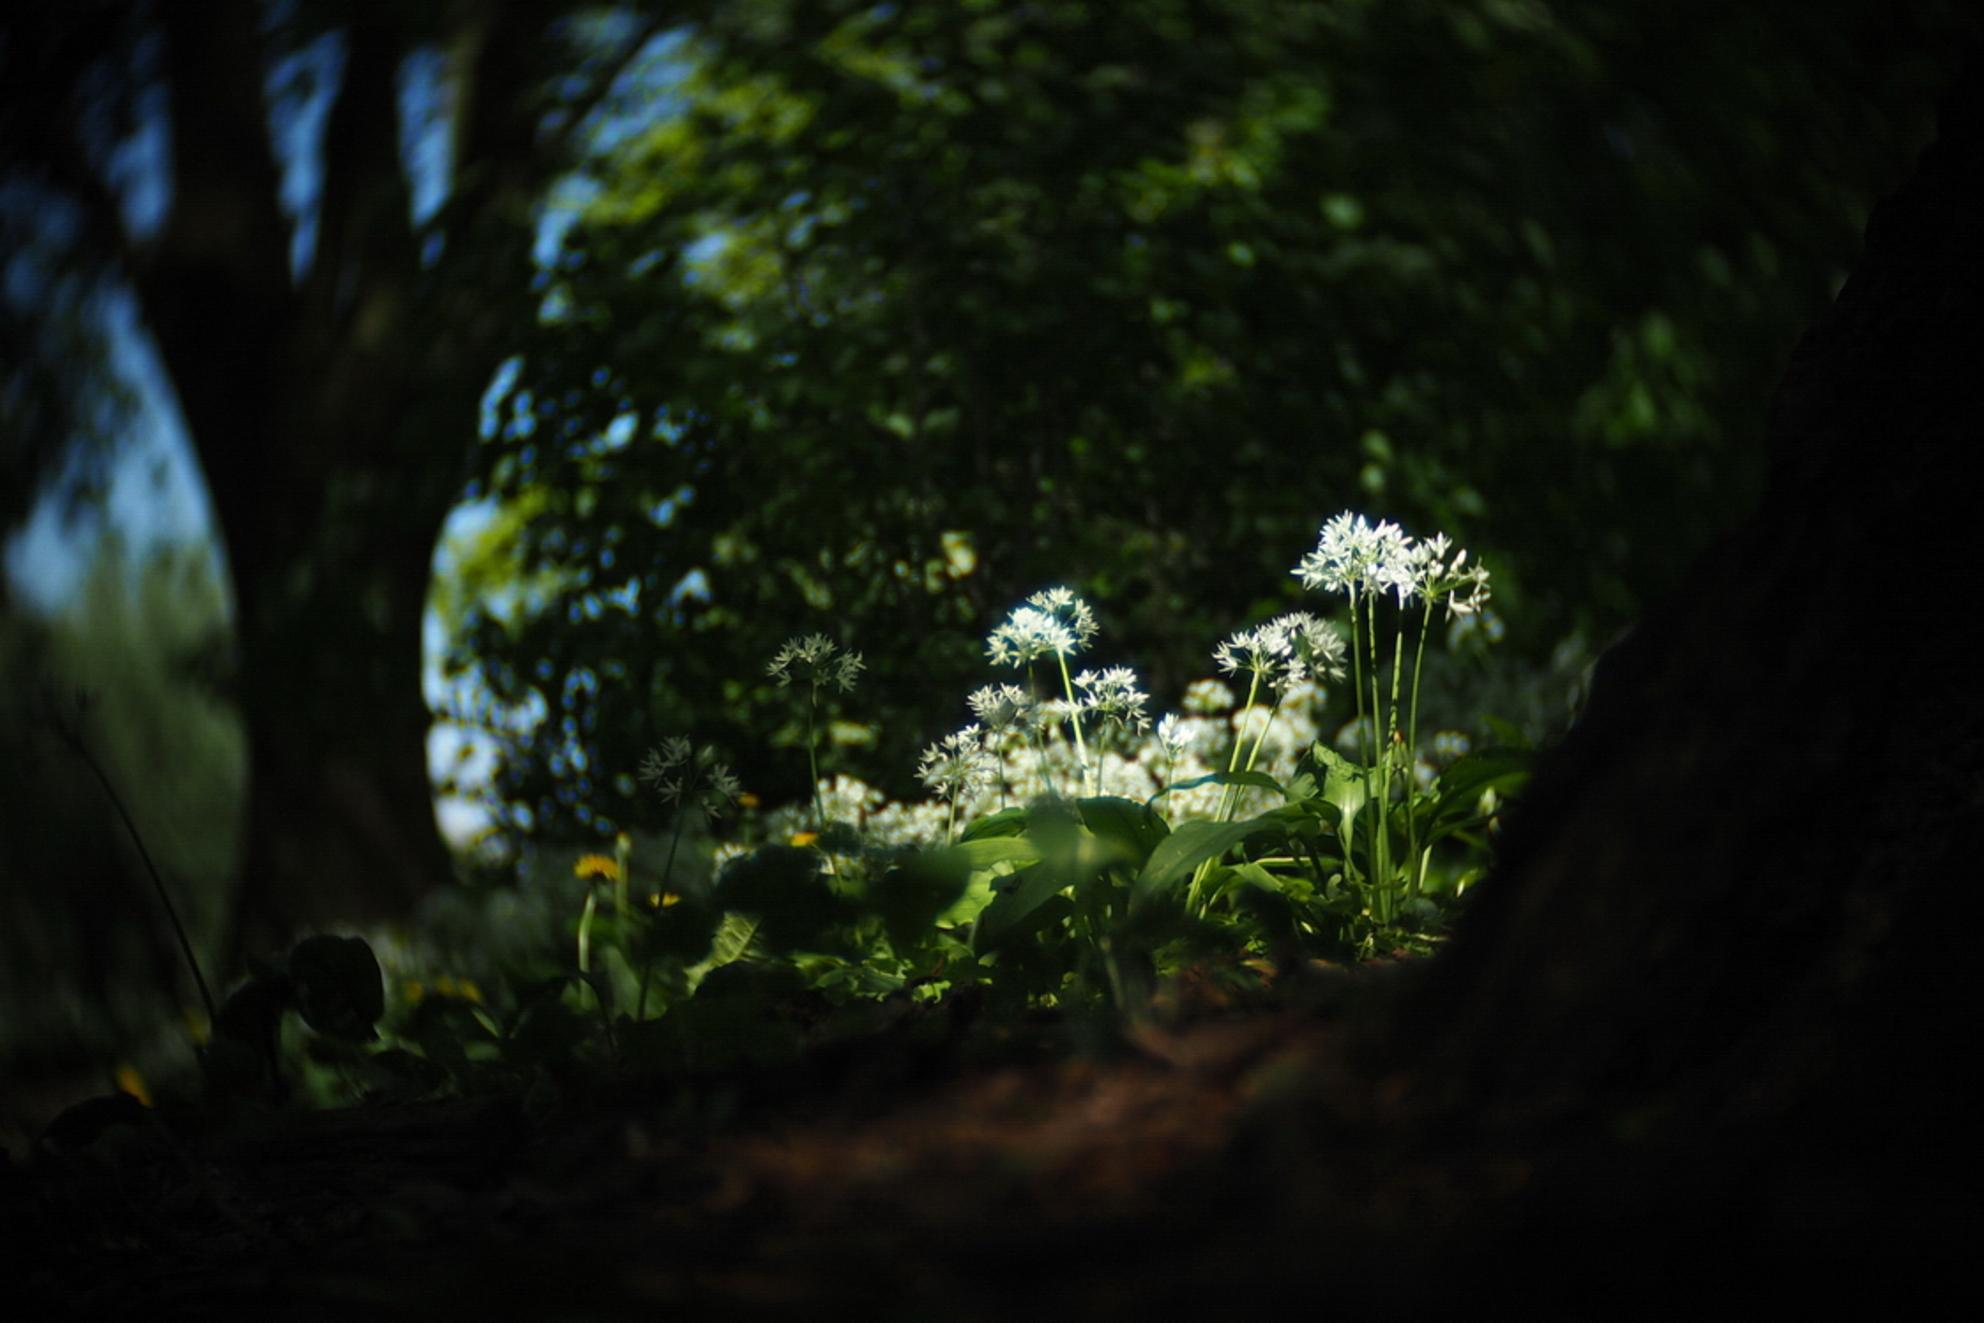 Daslook - fotowedstrijd puur natuur inzending 3 - Inzending voor de fotowedstrijd puur natuur. Een serie foto's van daslook dat in het voorjaar in het wild bloeit. Het draaierige en wat kleurrijkere/ - foto door mdebeer op 31-12-2018 - deze foto bevat: boom, bloem, lente, natuur, landschap, bos, voorjaar, nederland - Deze foto mag gebruikt worden in een Zoom.nl publicatie